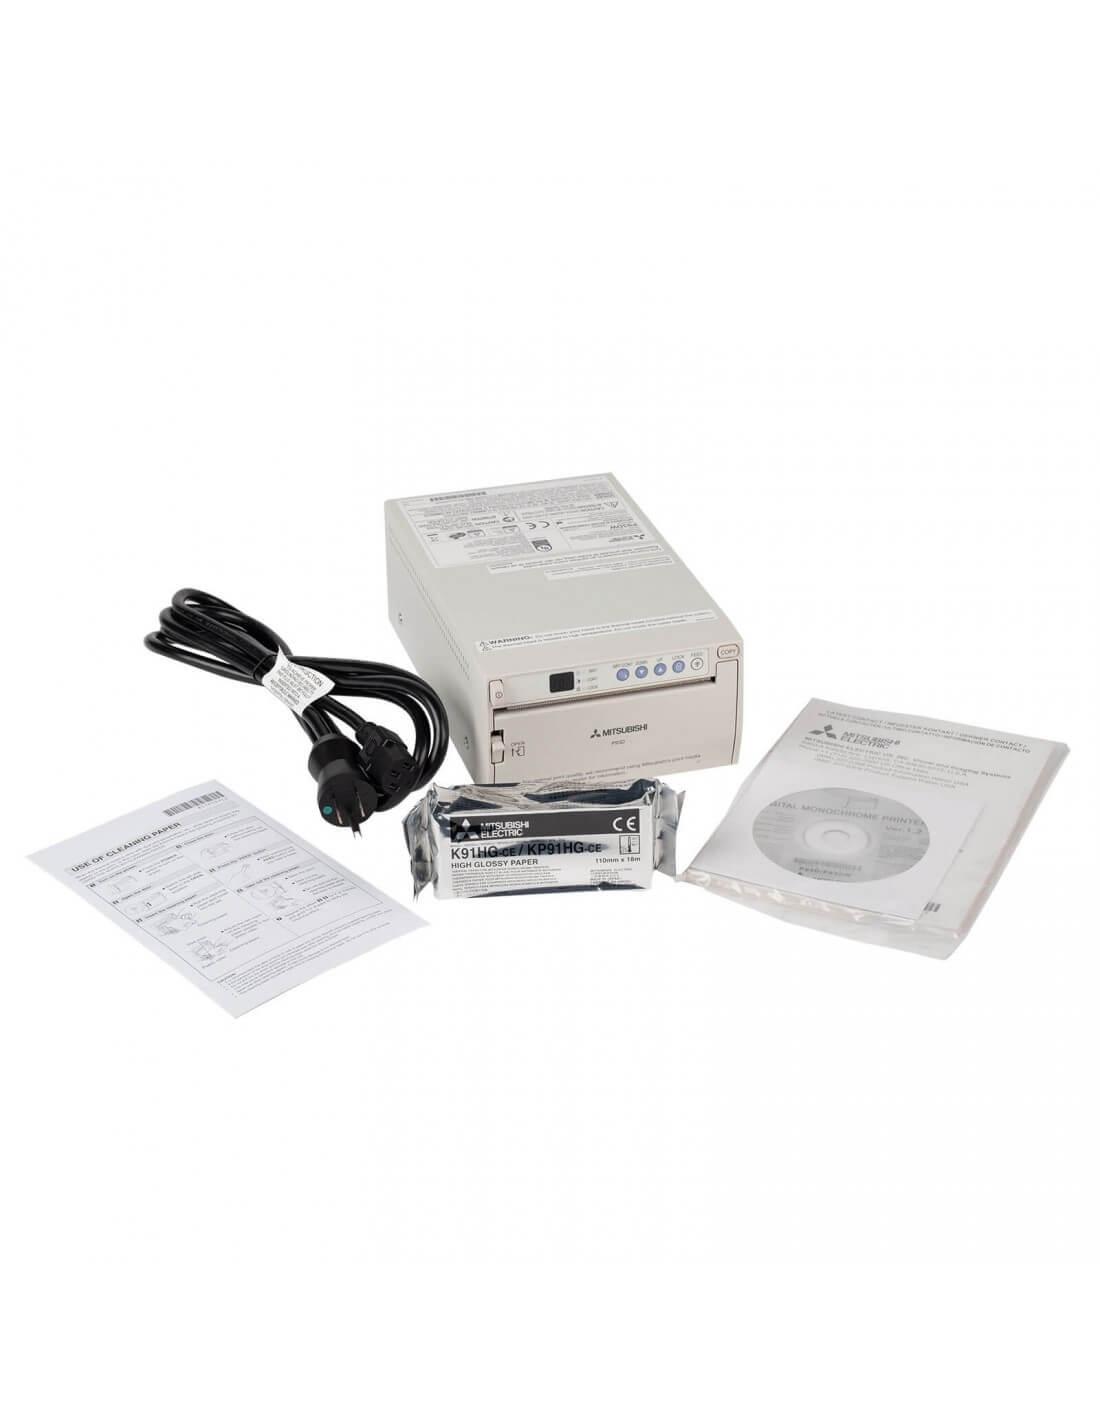 MITSUBISHI P 93 DW A6 digital Medical Printer / Thermoprinter